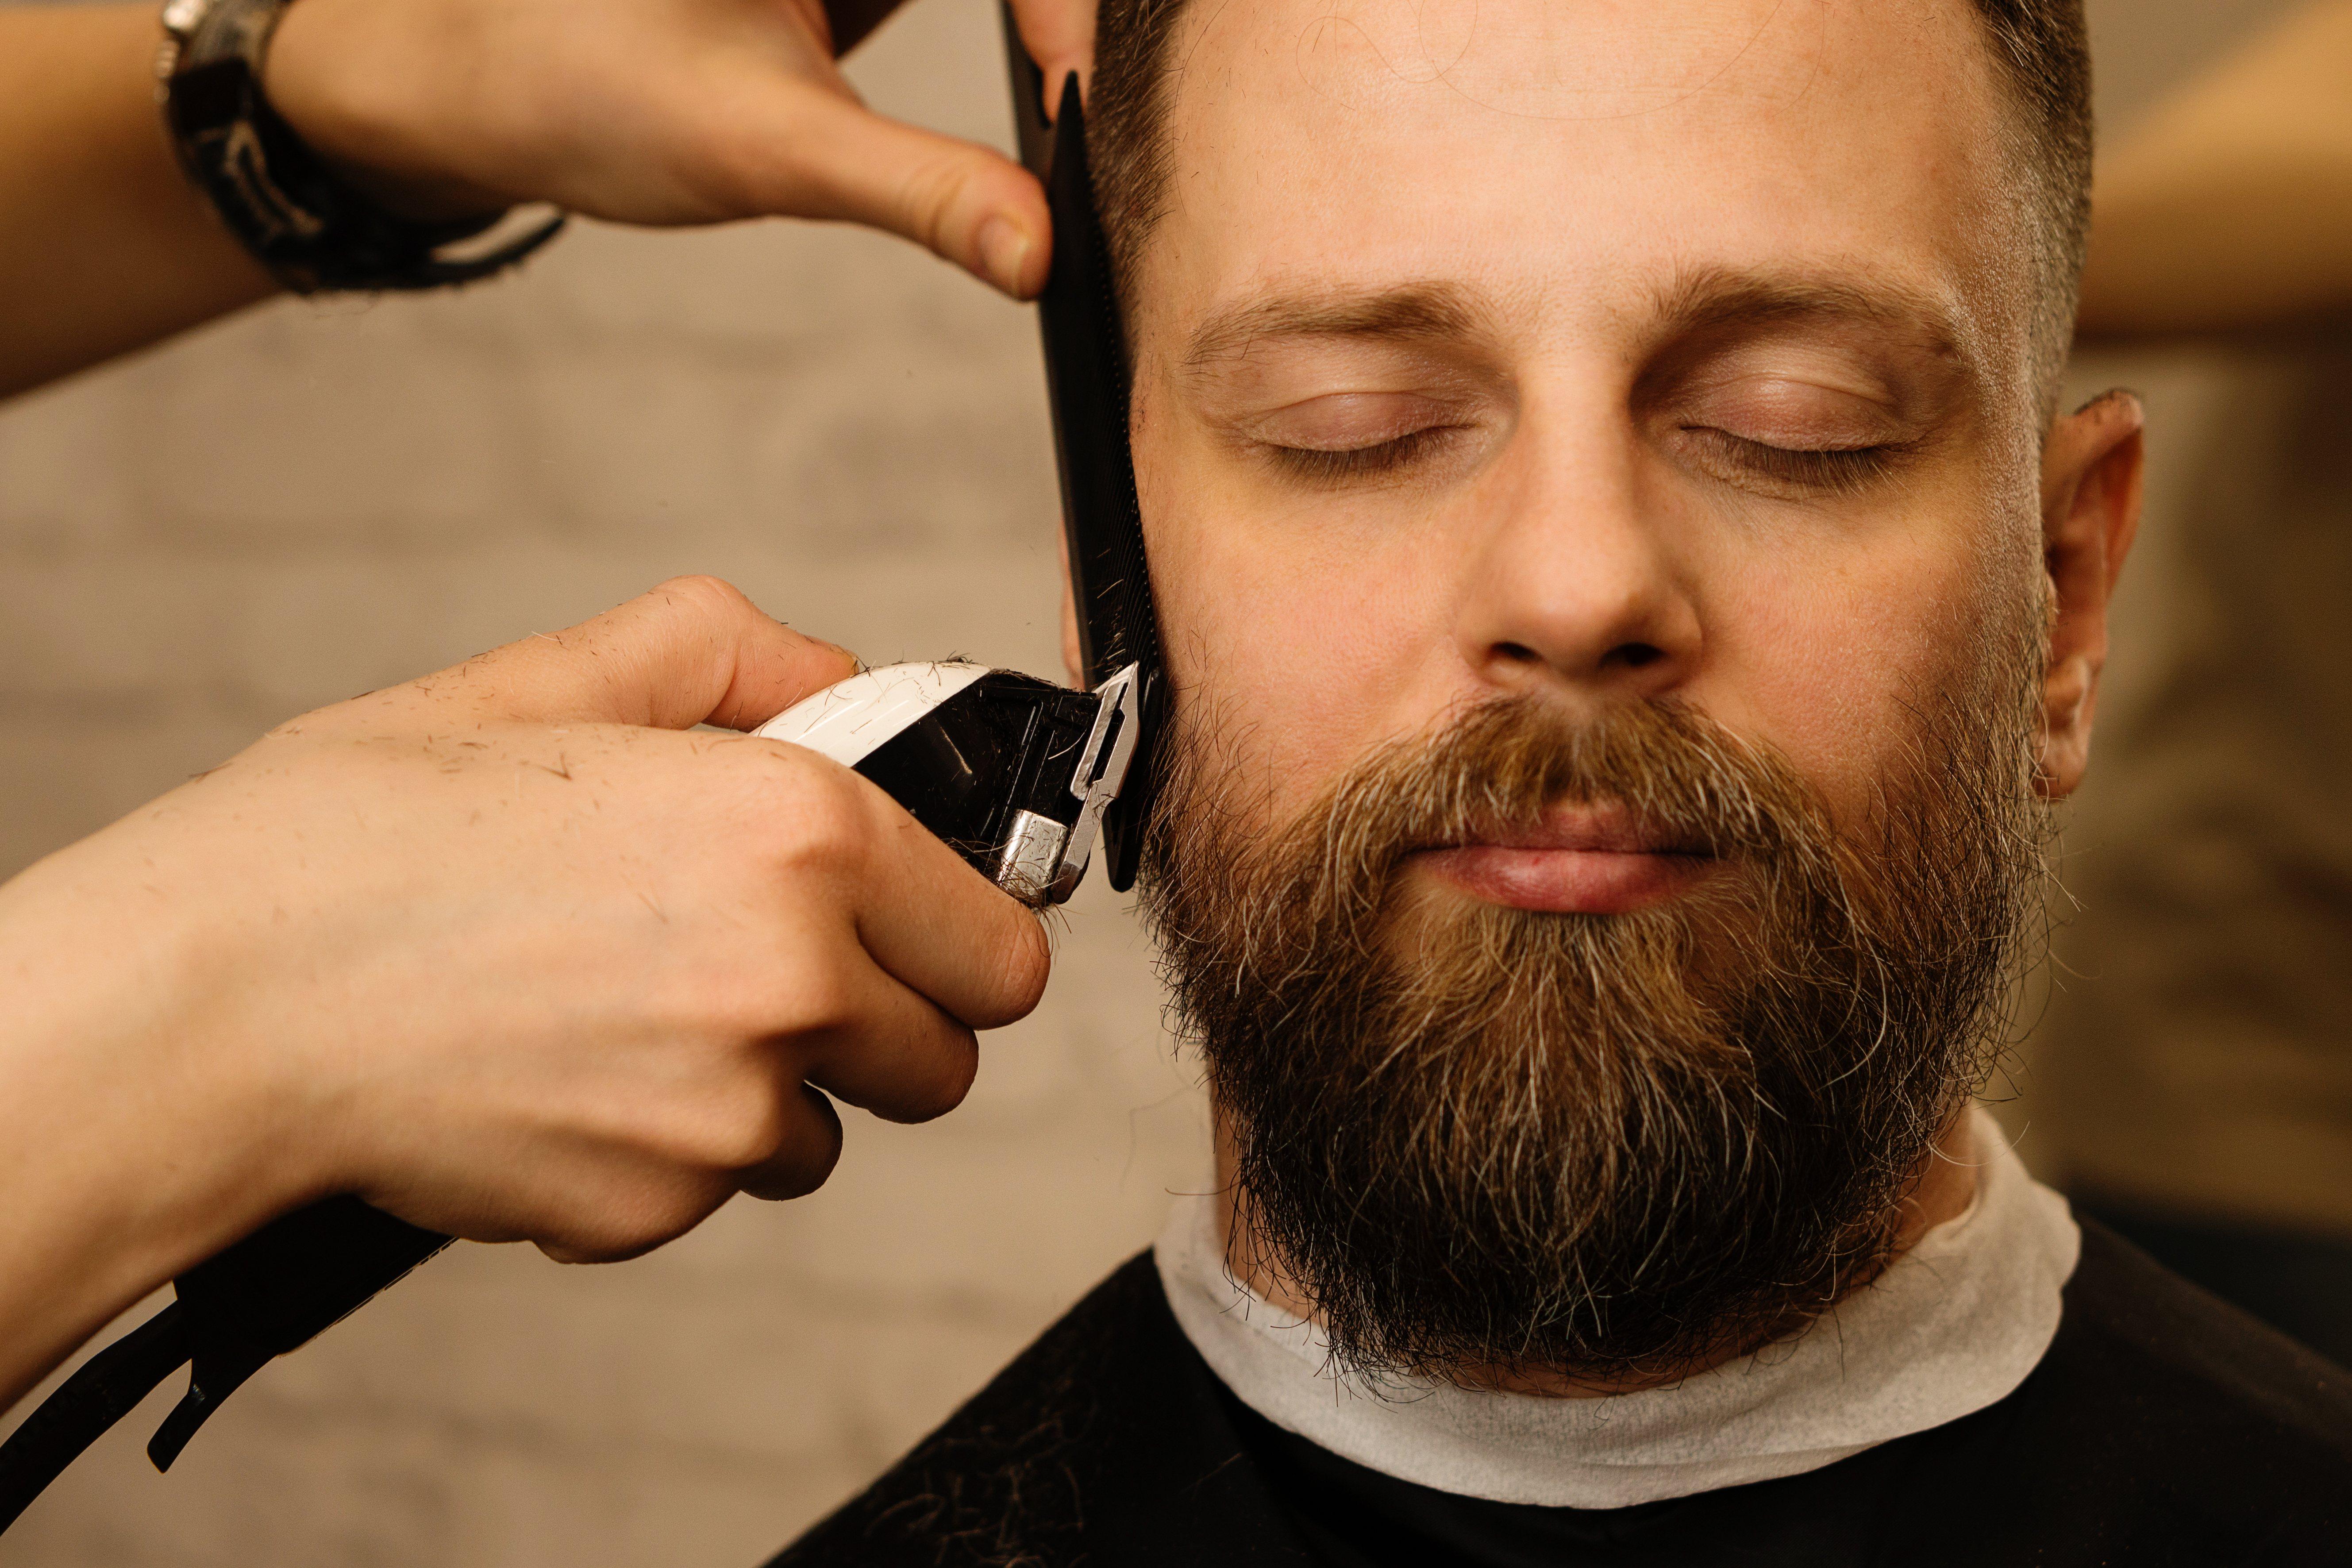 El cuidado de la barba es importante como todo el cuerpo